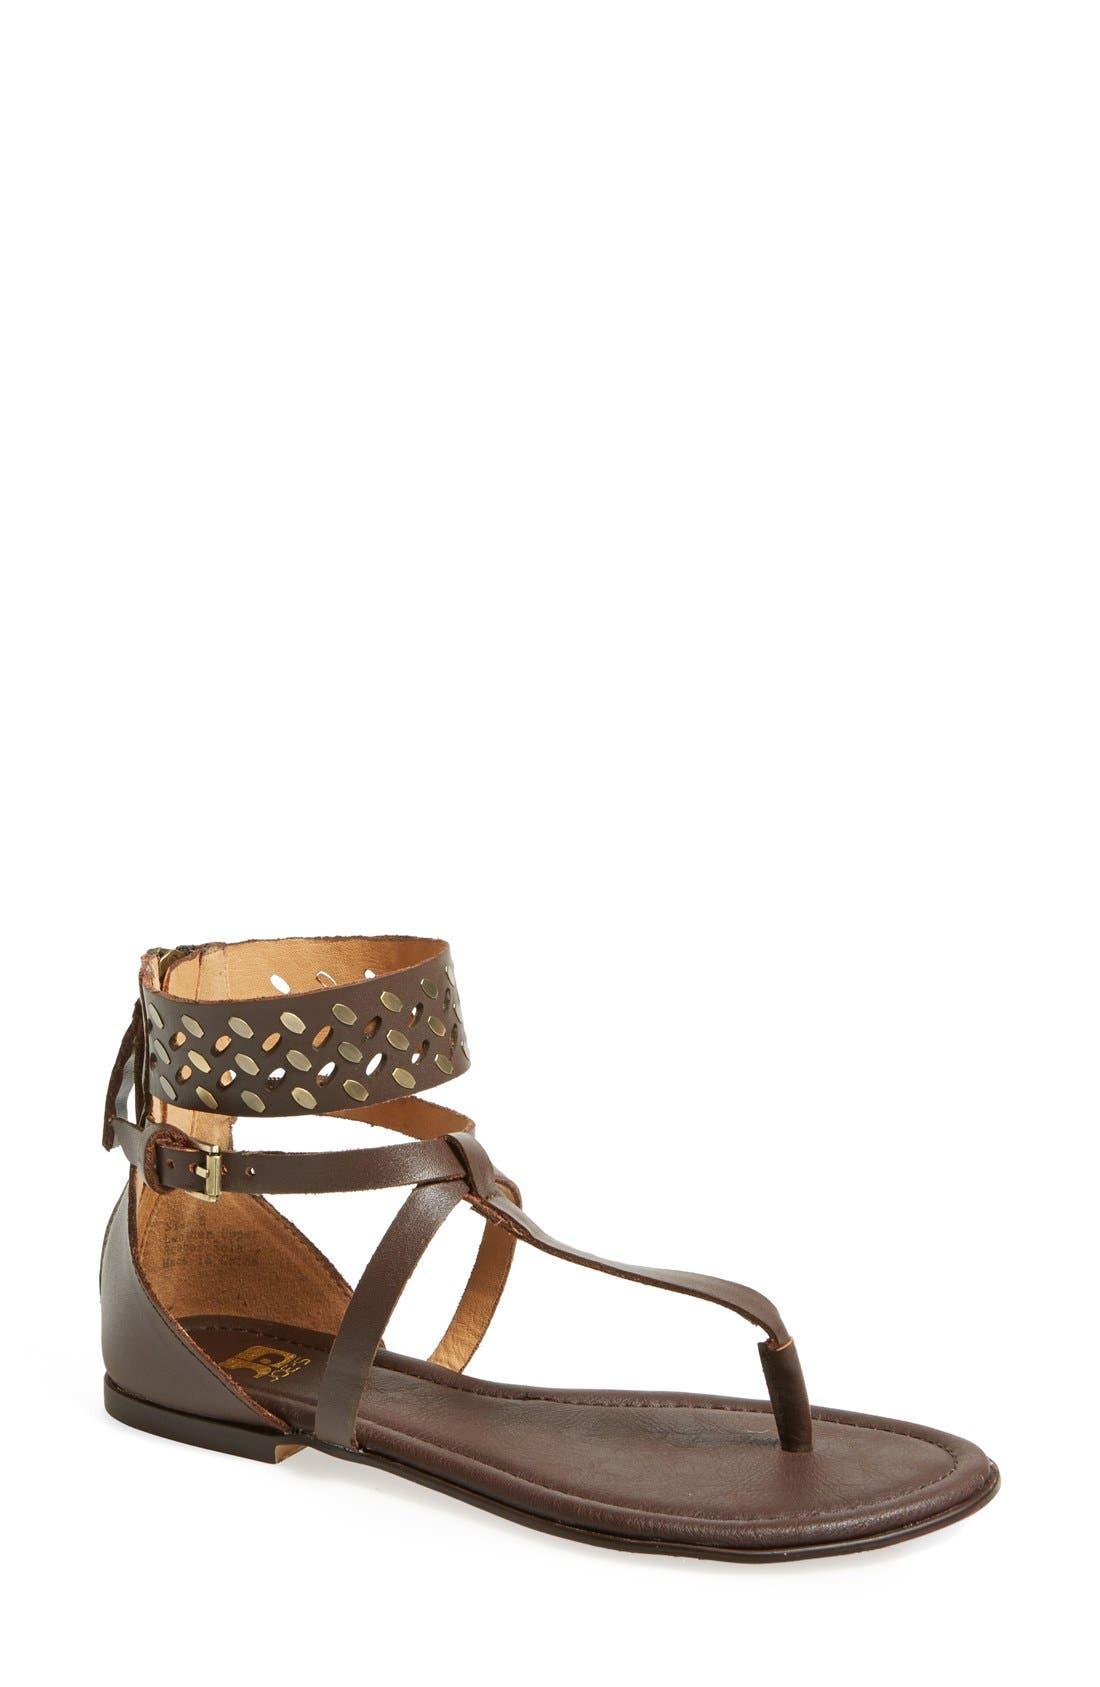 Alternate Image 1 Selected - Joe's 'Effie' Embellished Leather Sandal